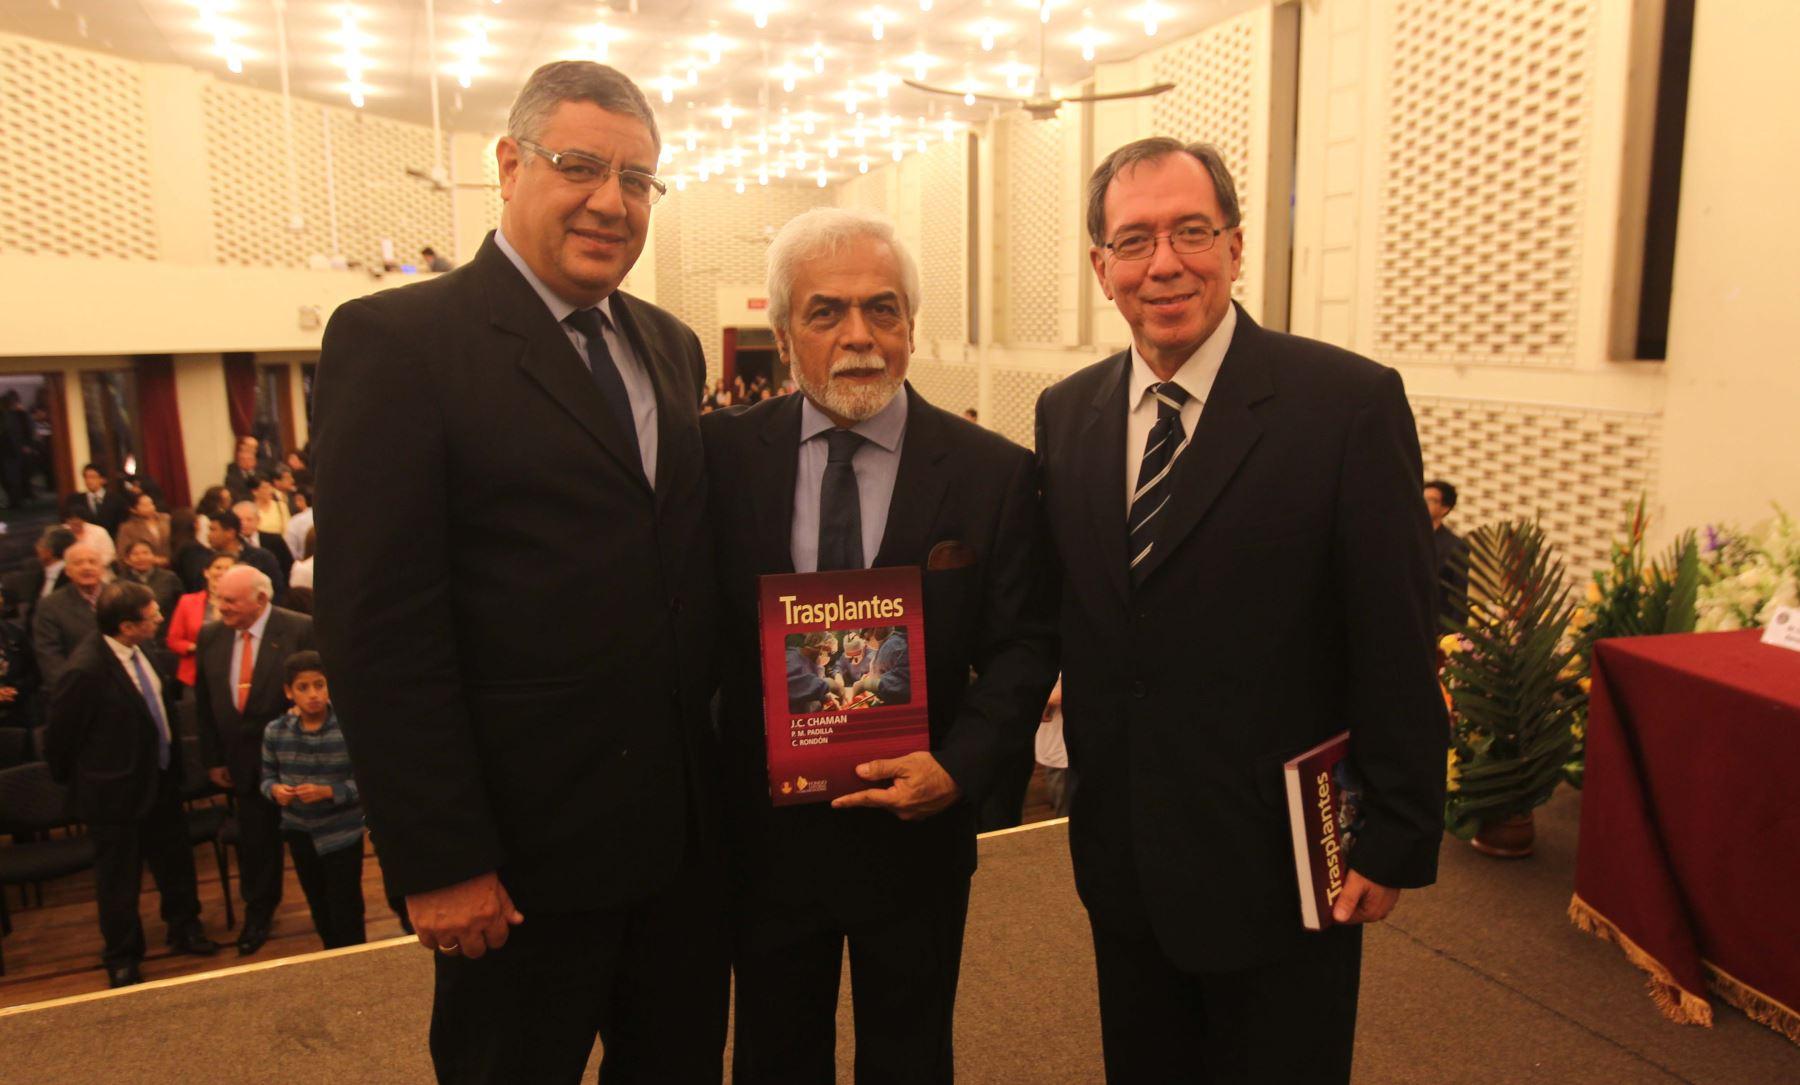 Presidente de EsSalud asistió a presentación de libro. Foto: Difusión